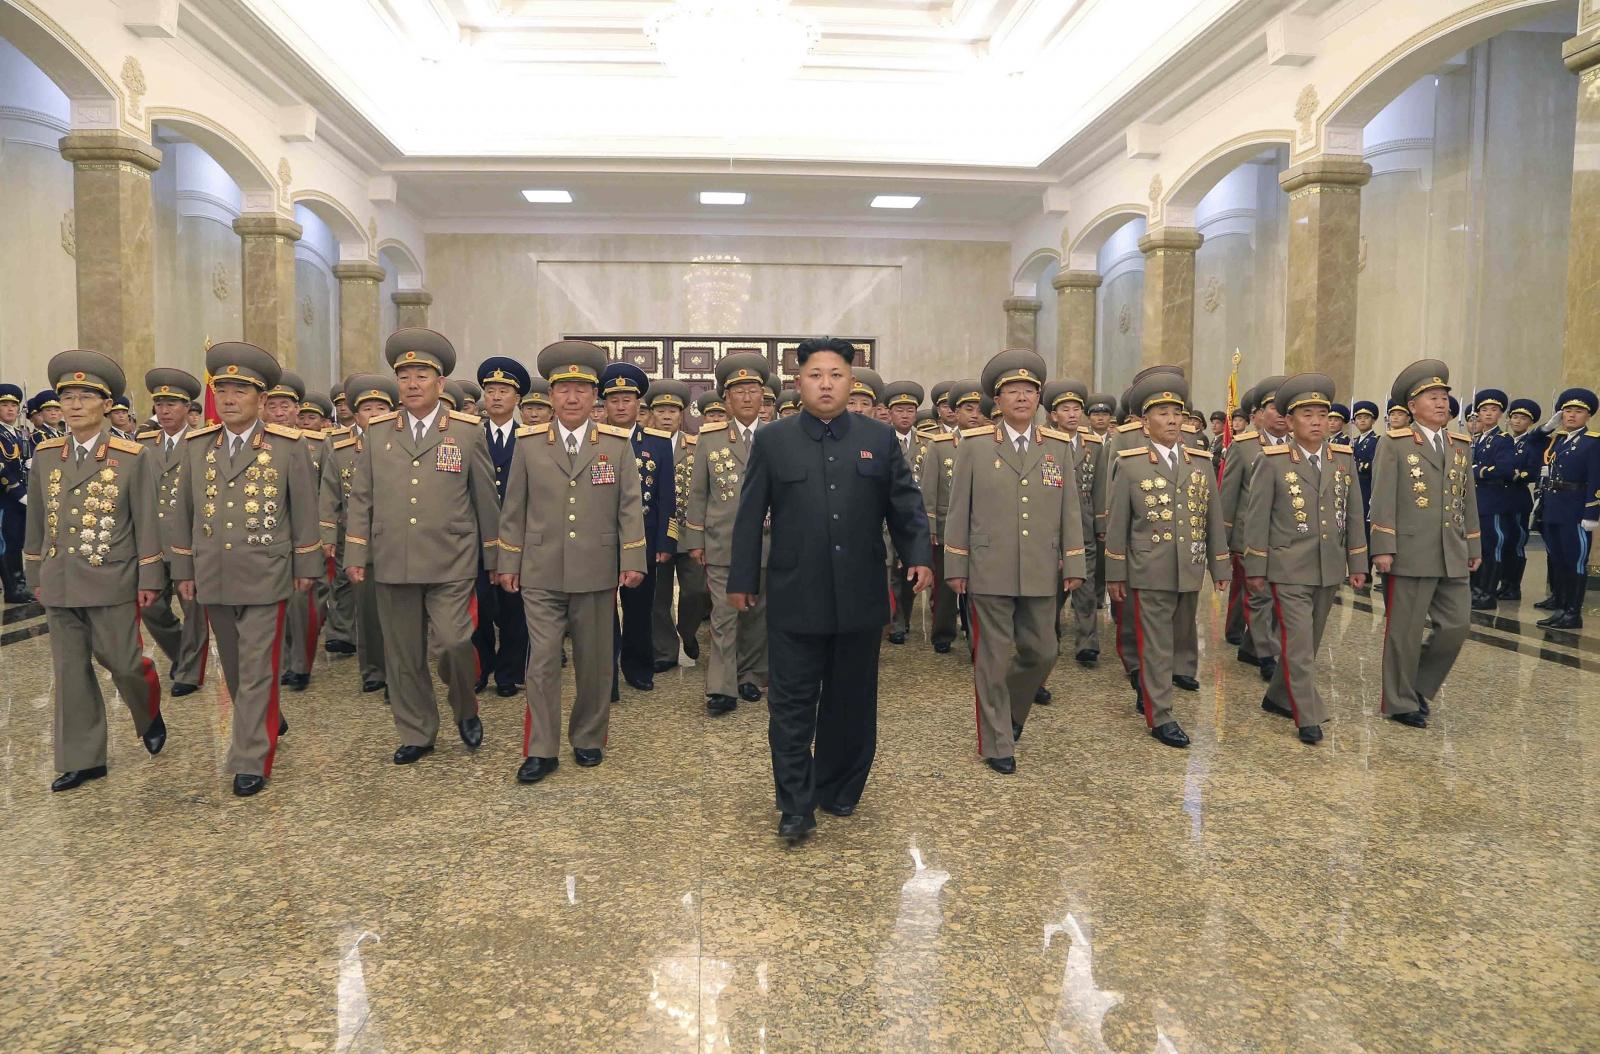 North Korea's leader Kim Jung-un